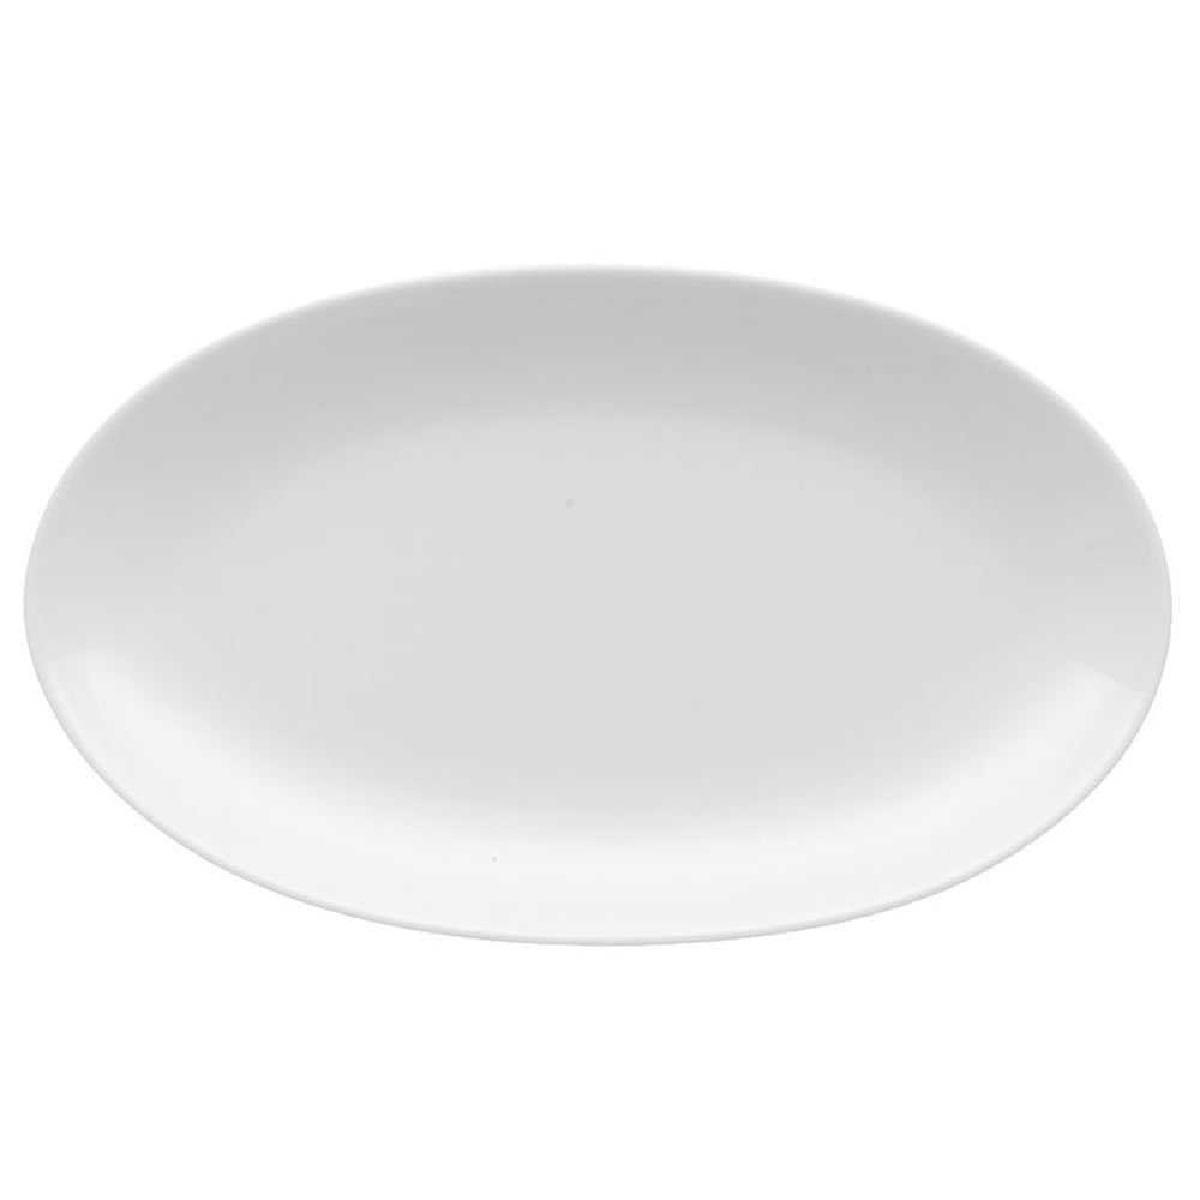 Онлайн каталог PROMENU: Блюдо фарфоровое овальное Rosenthal JADE, длина 24 см, белый Rosenthal 61040-800001-15323